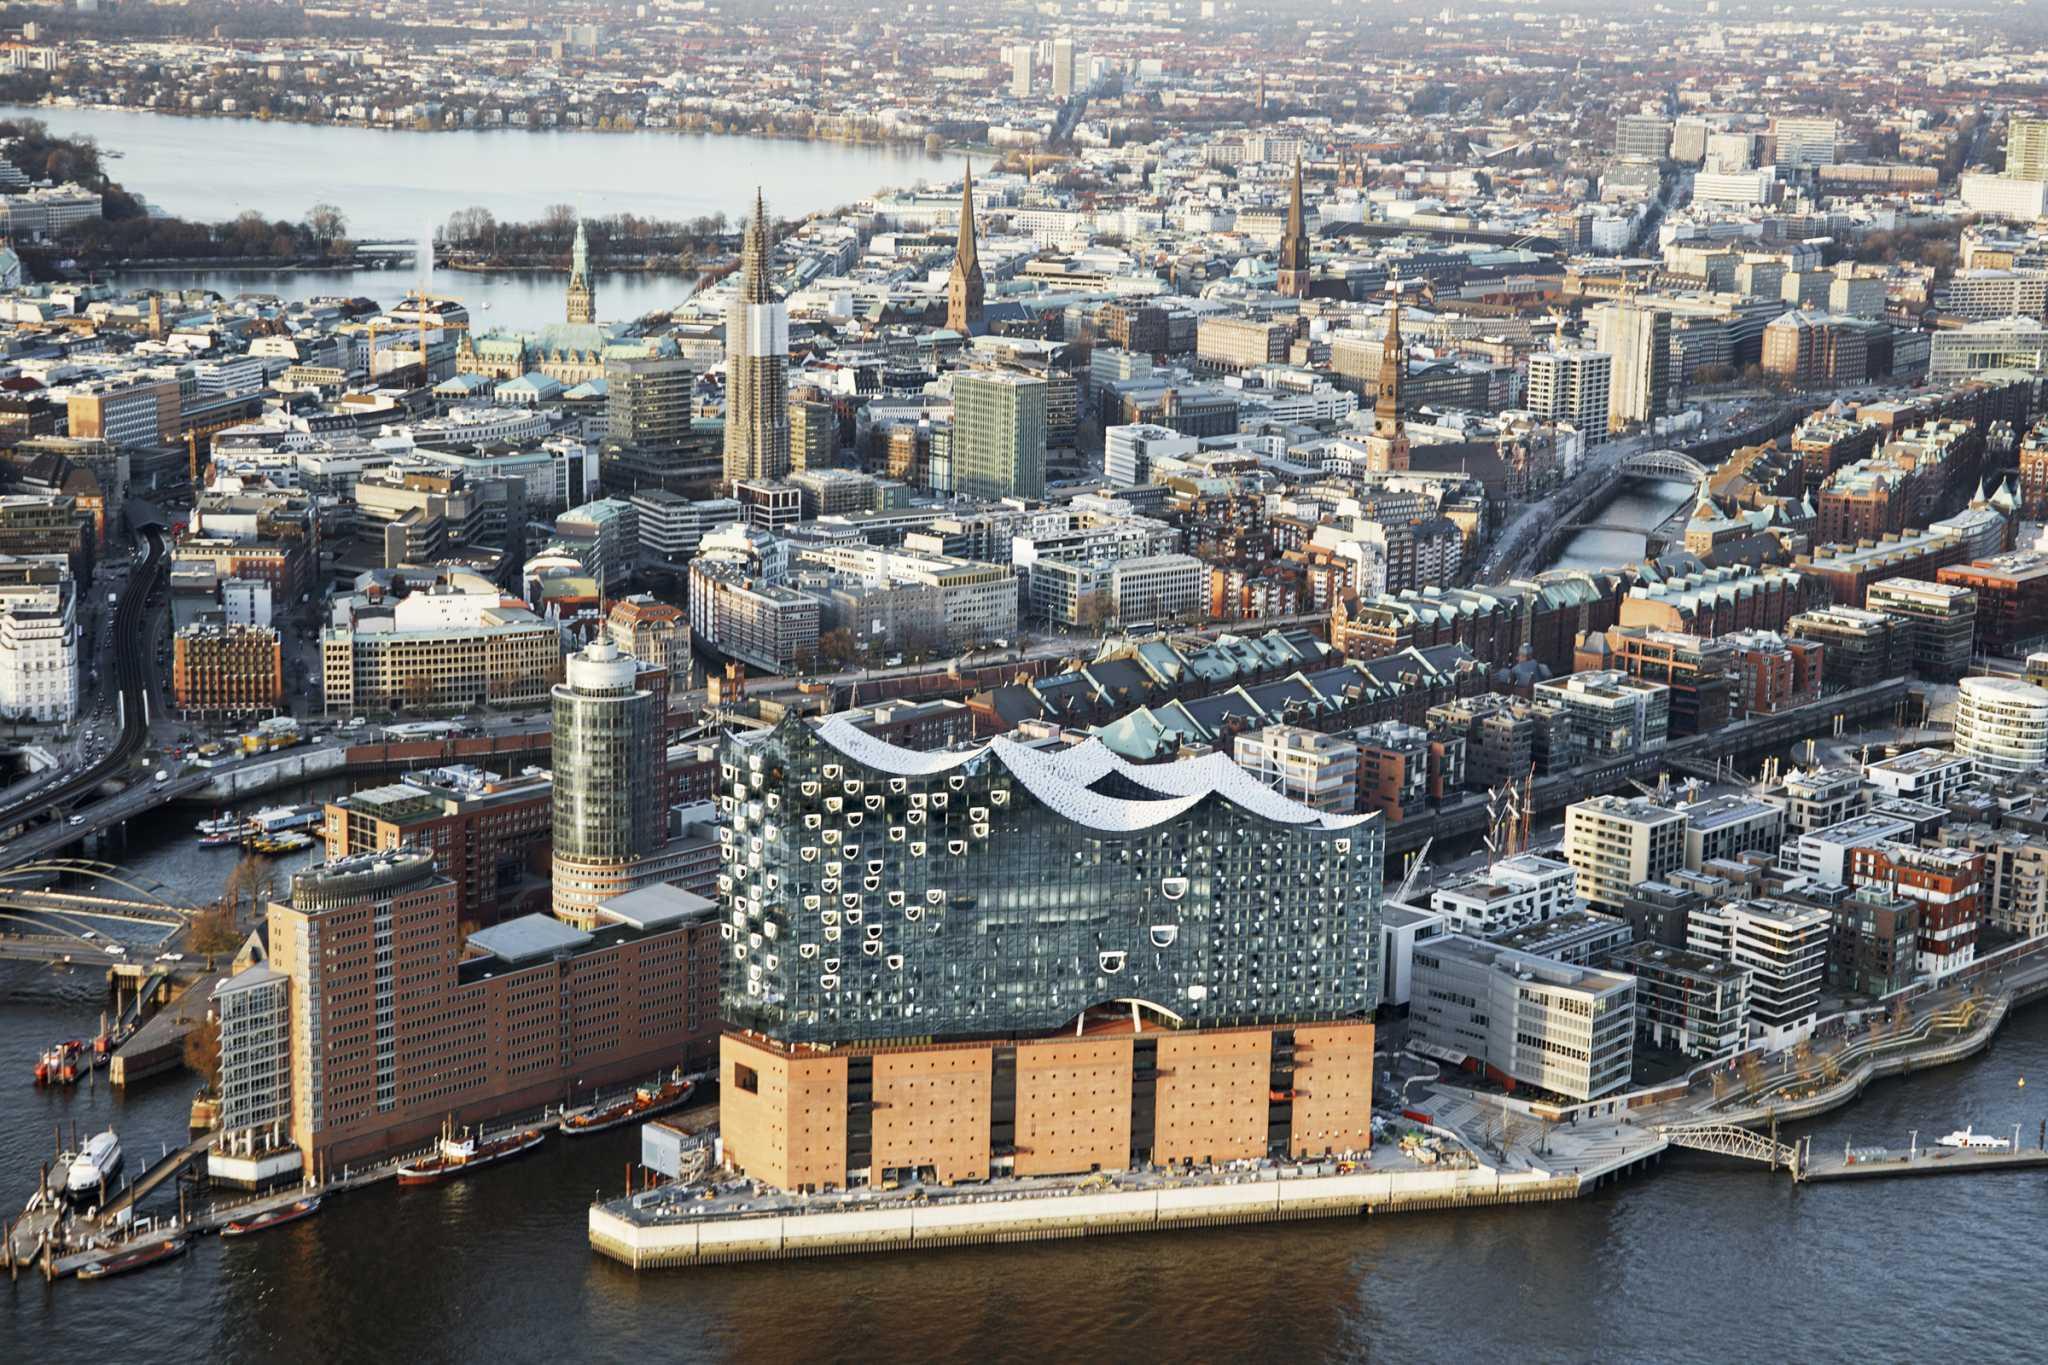 Kiến trúc nghệ thuật độc đáo của tòa nhà cao nhất Hamburg- Elbphilharmonie